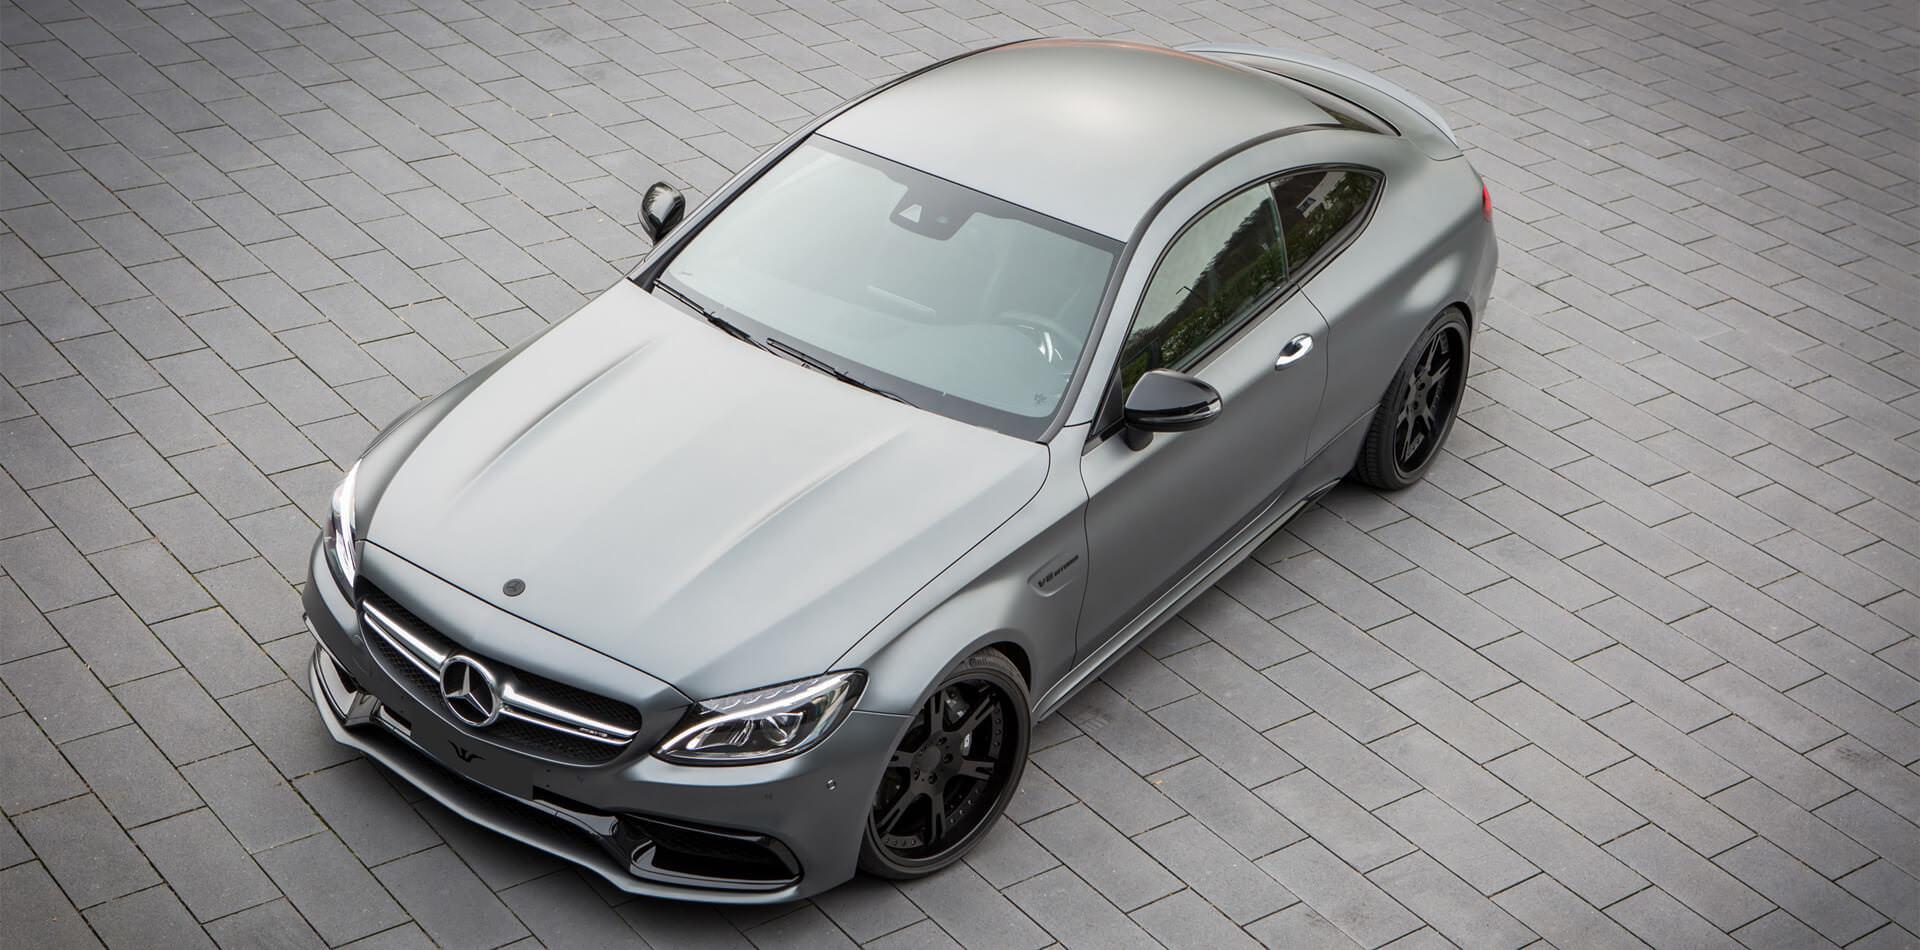 Fahrzeugveredelung für Mercedes C63 AMG by Wheelsandmore